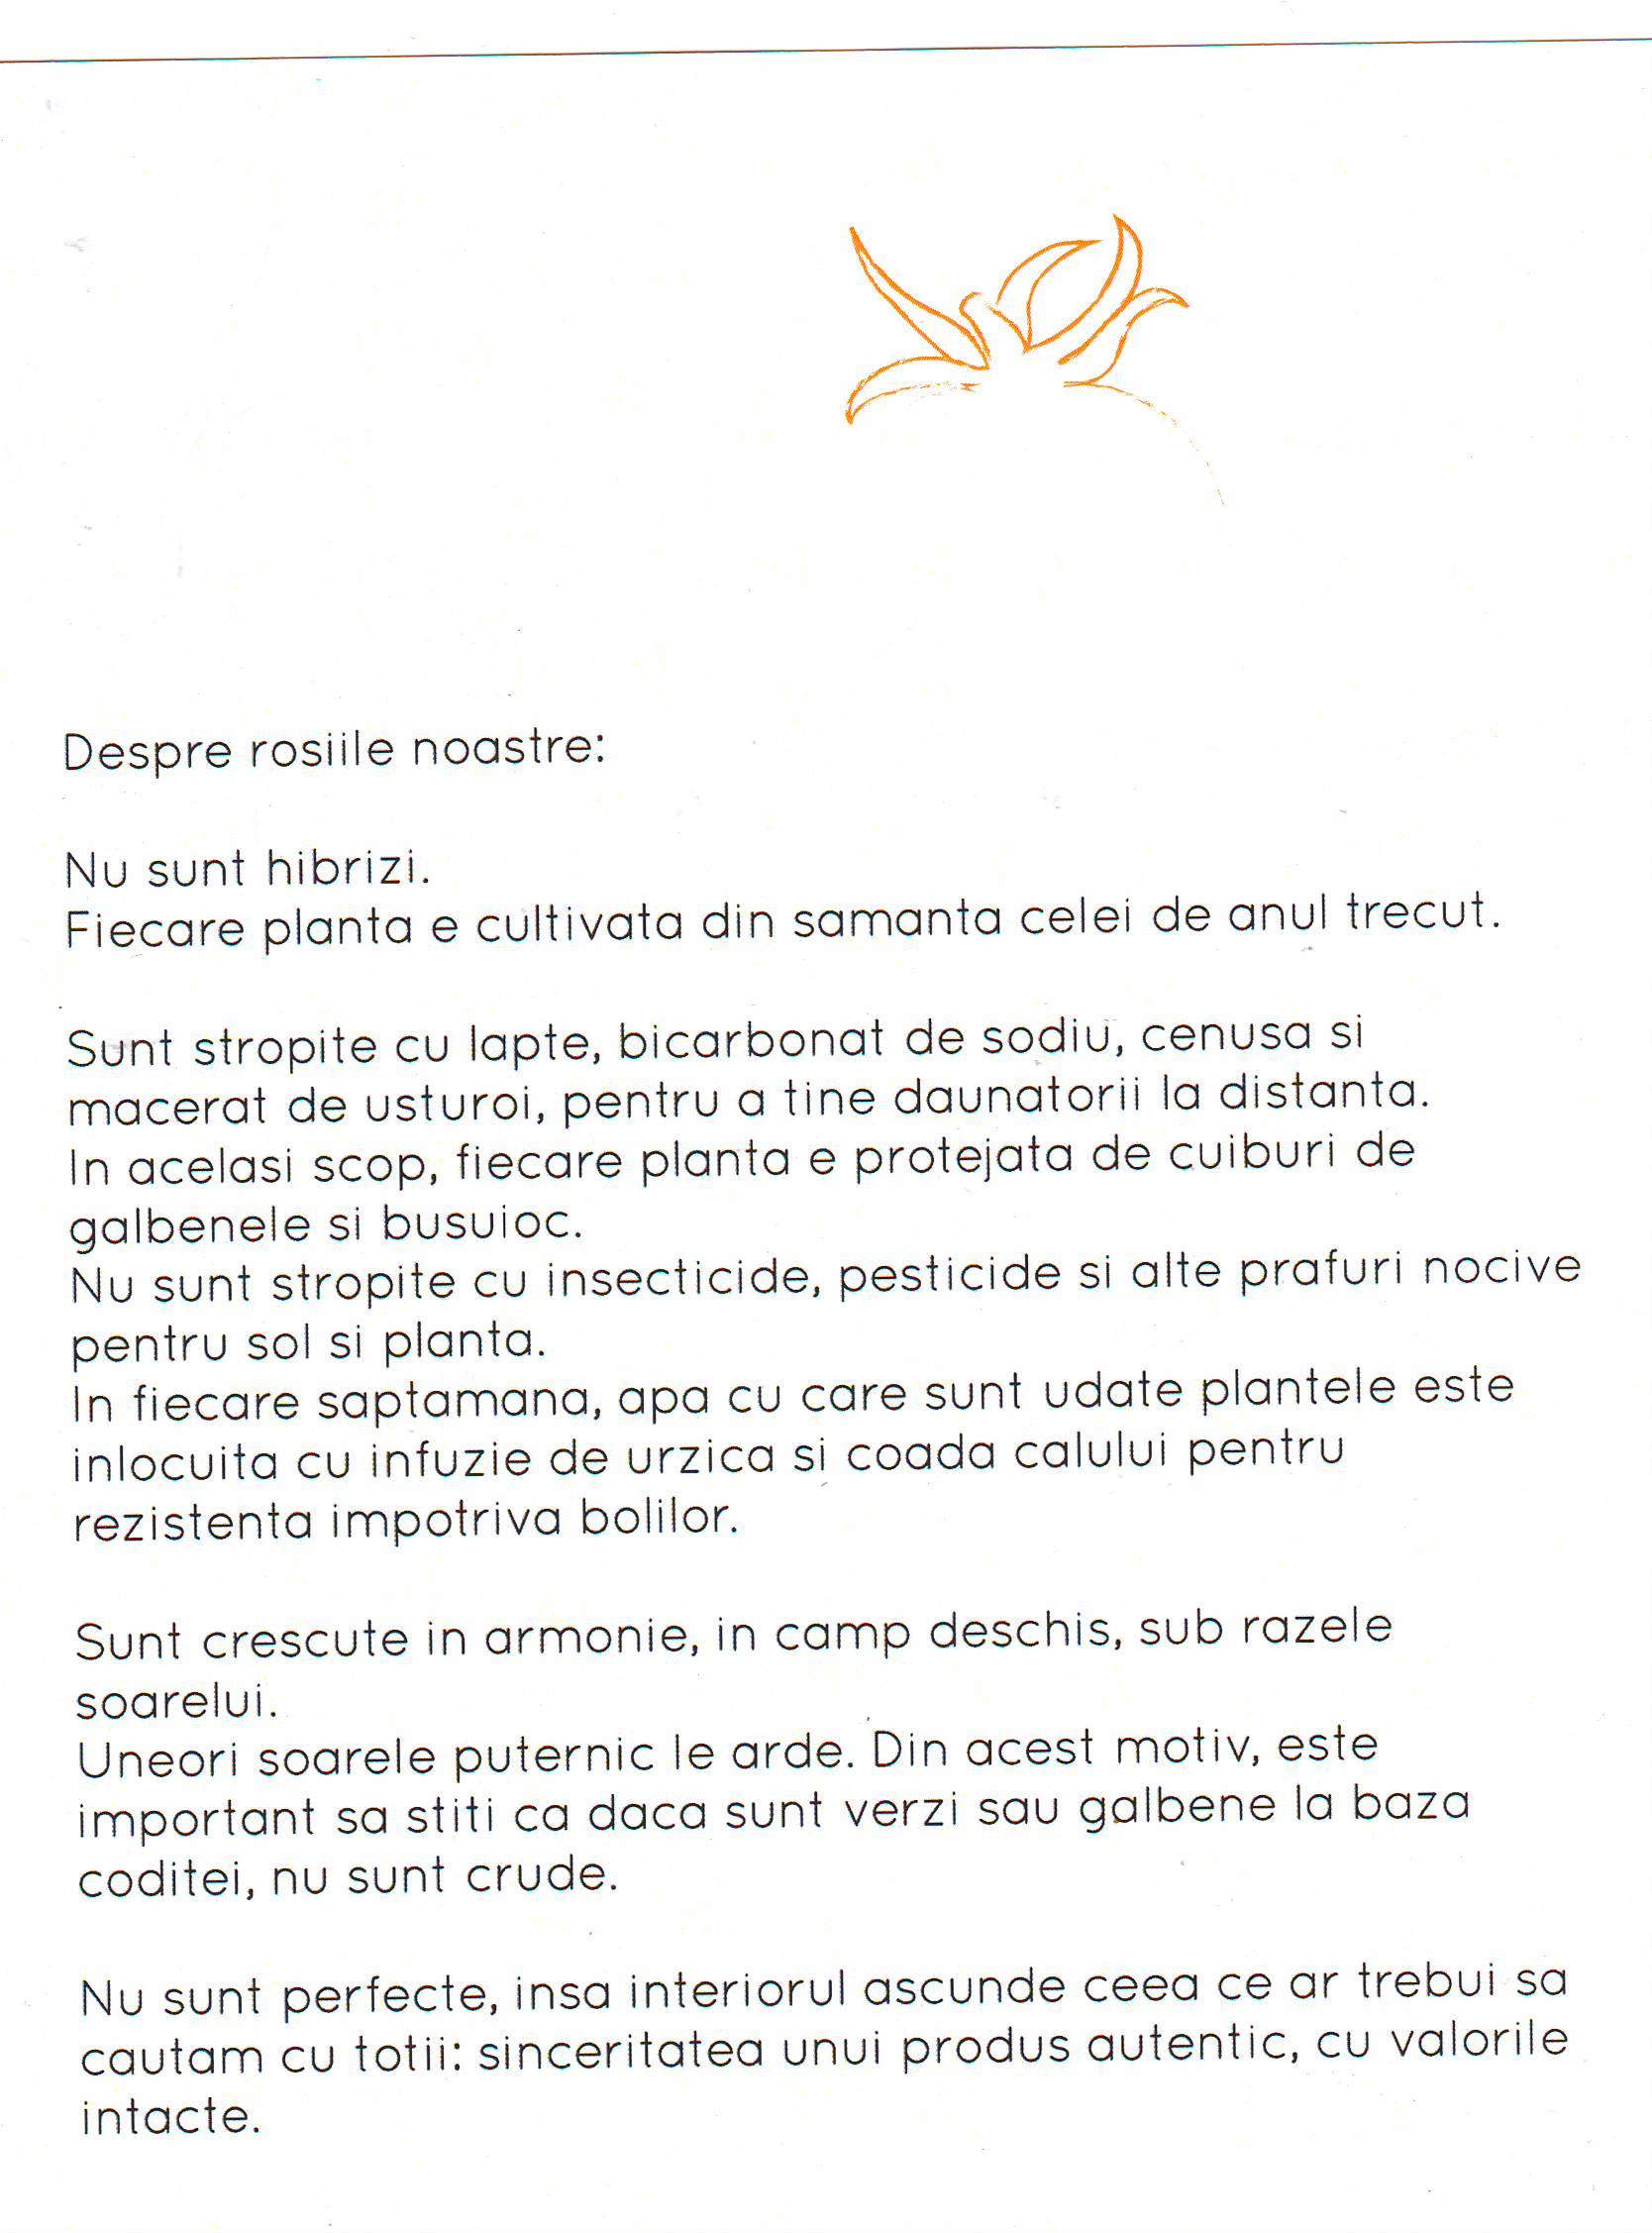 Manifestul Buniol